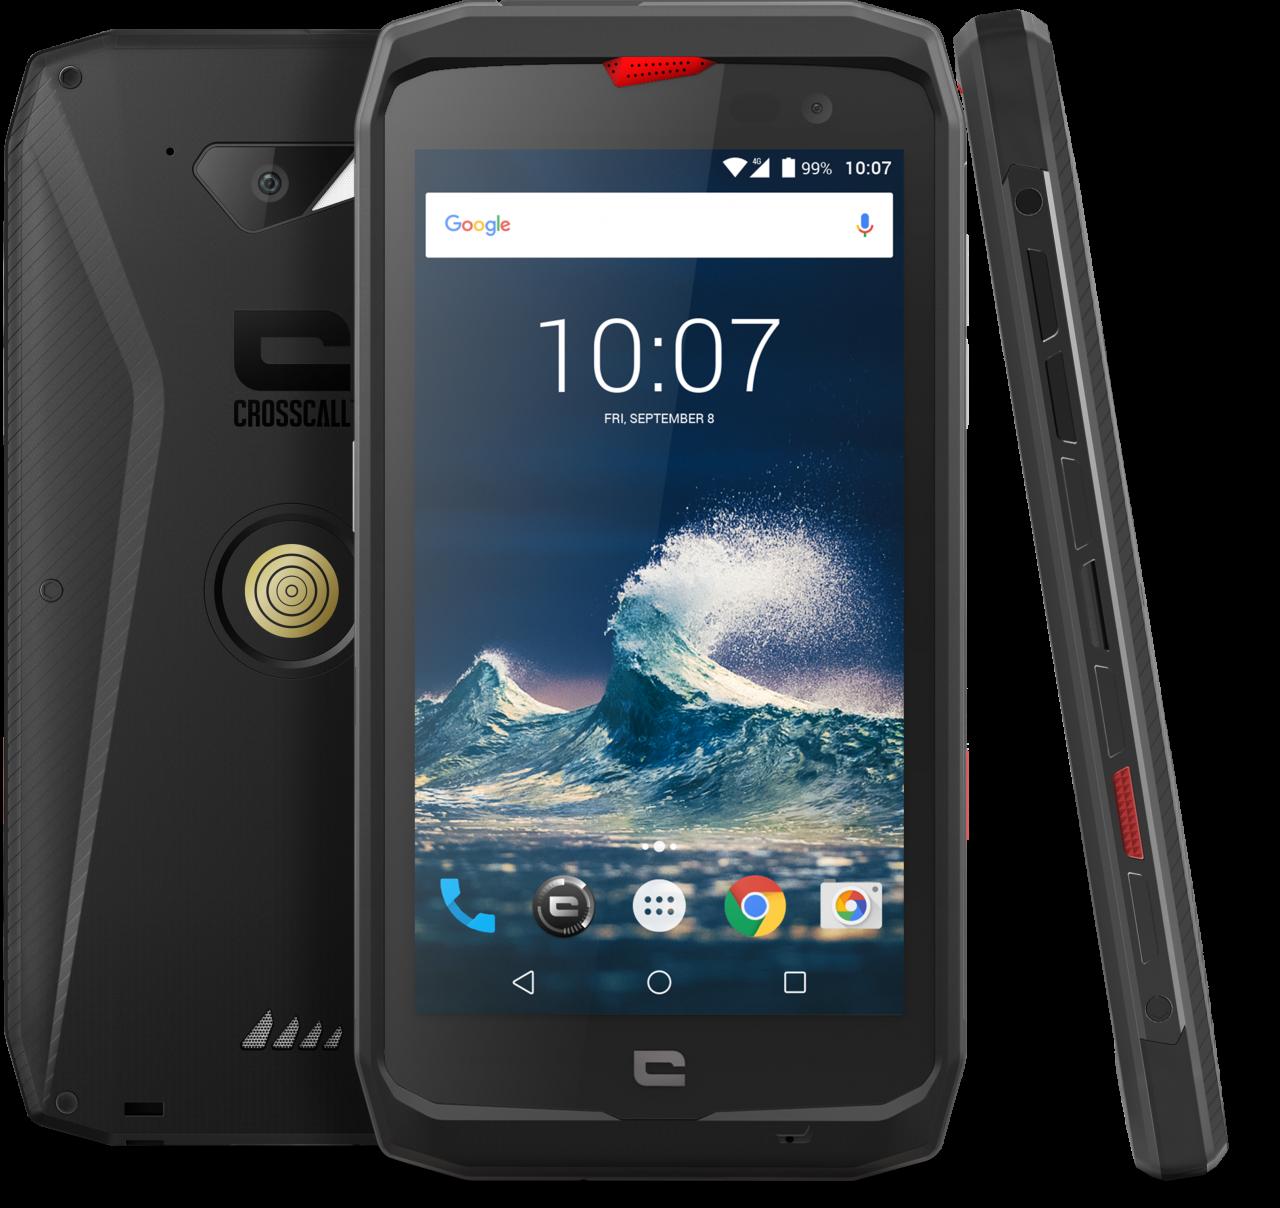 Crosscall lancia ACTION-X3, smartphone rugged che non teme le condizioni più estreme (foto)